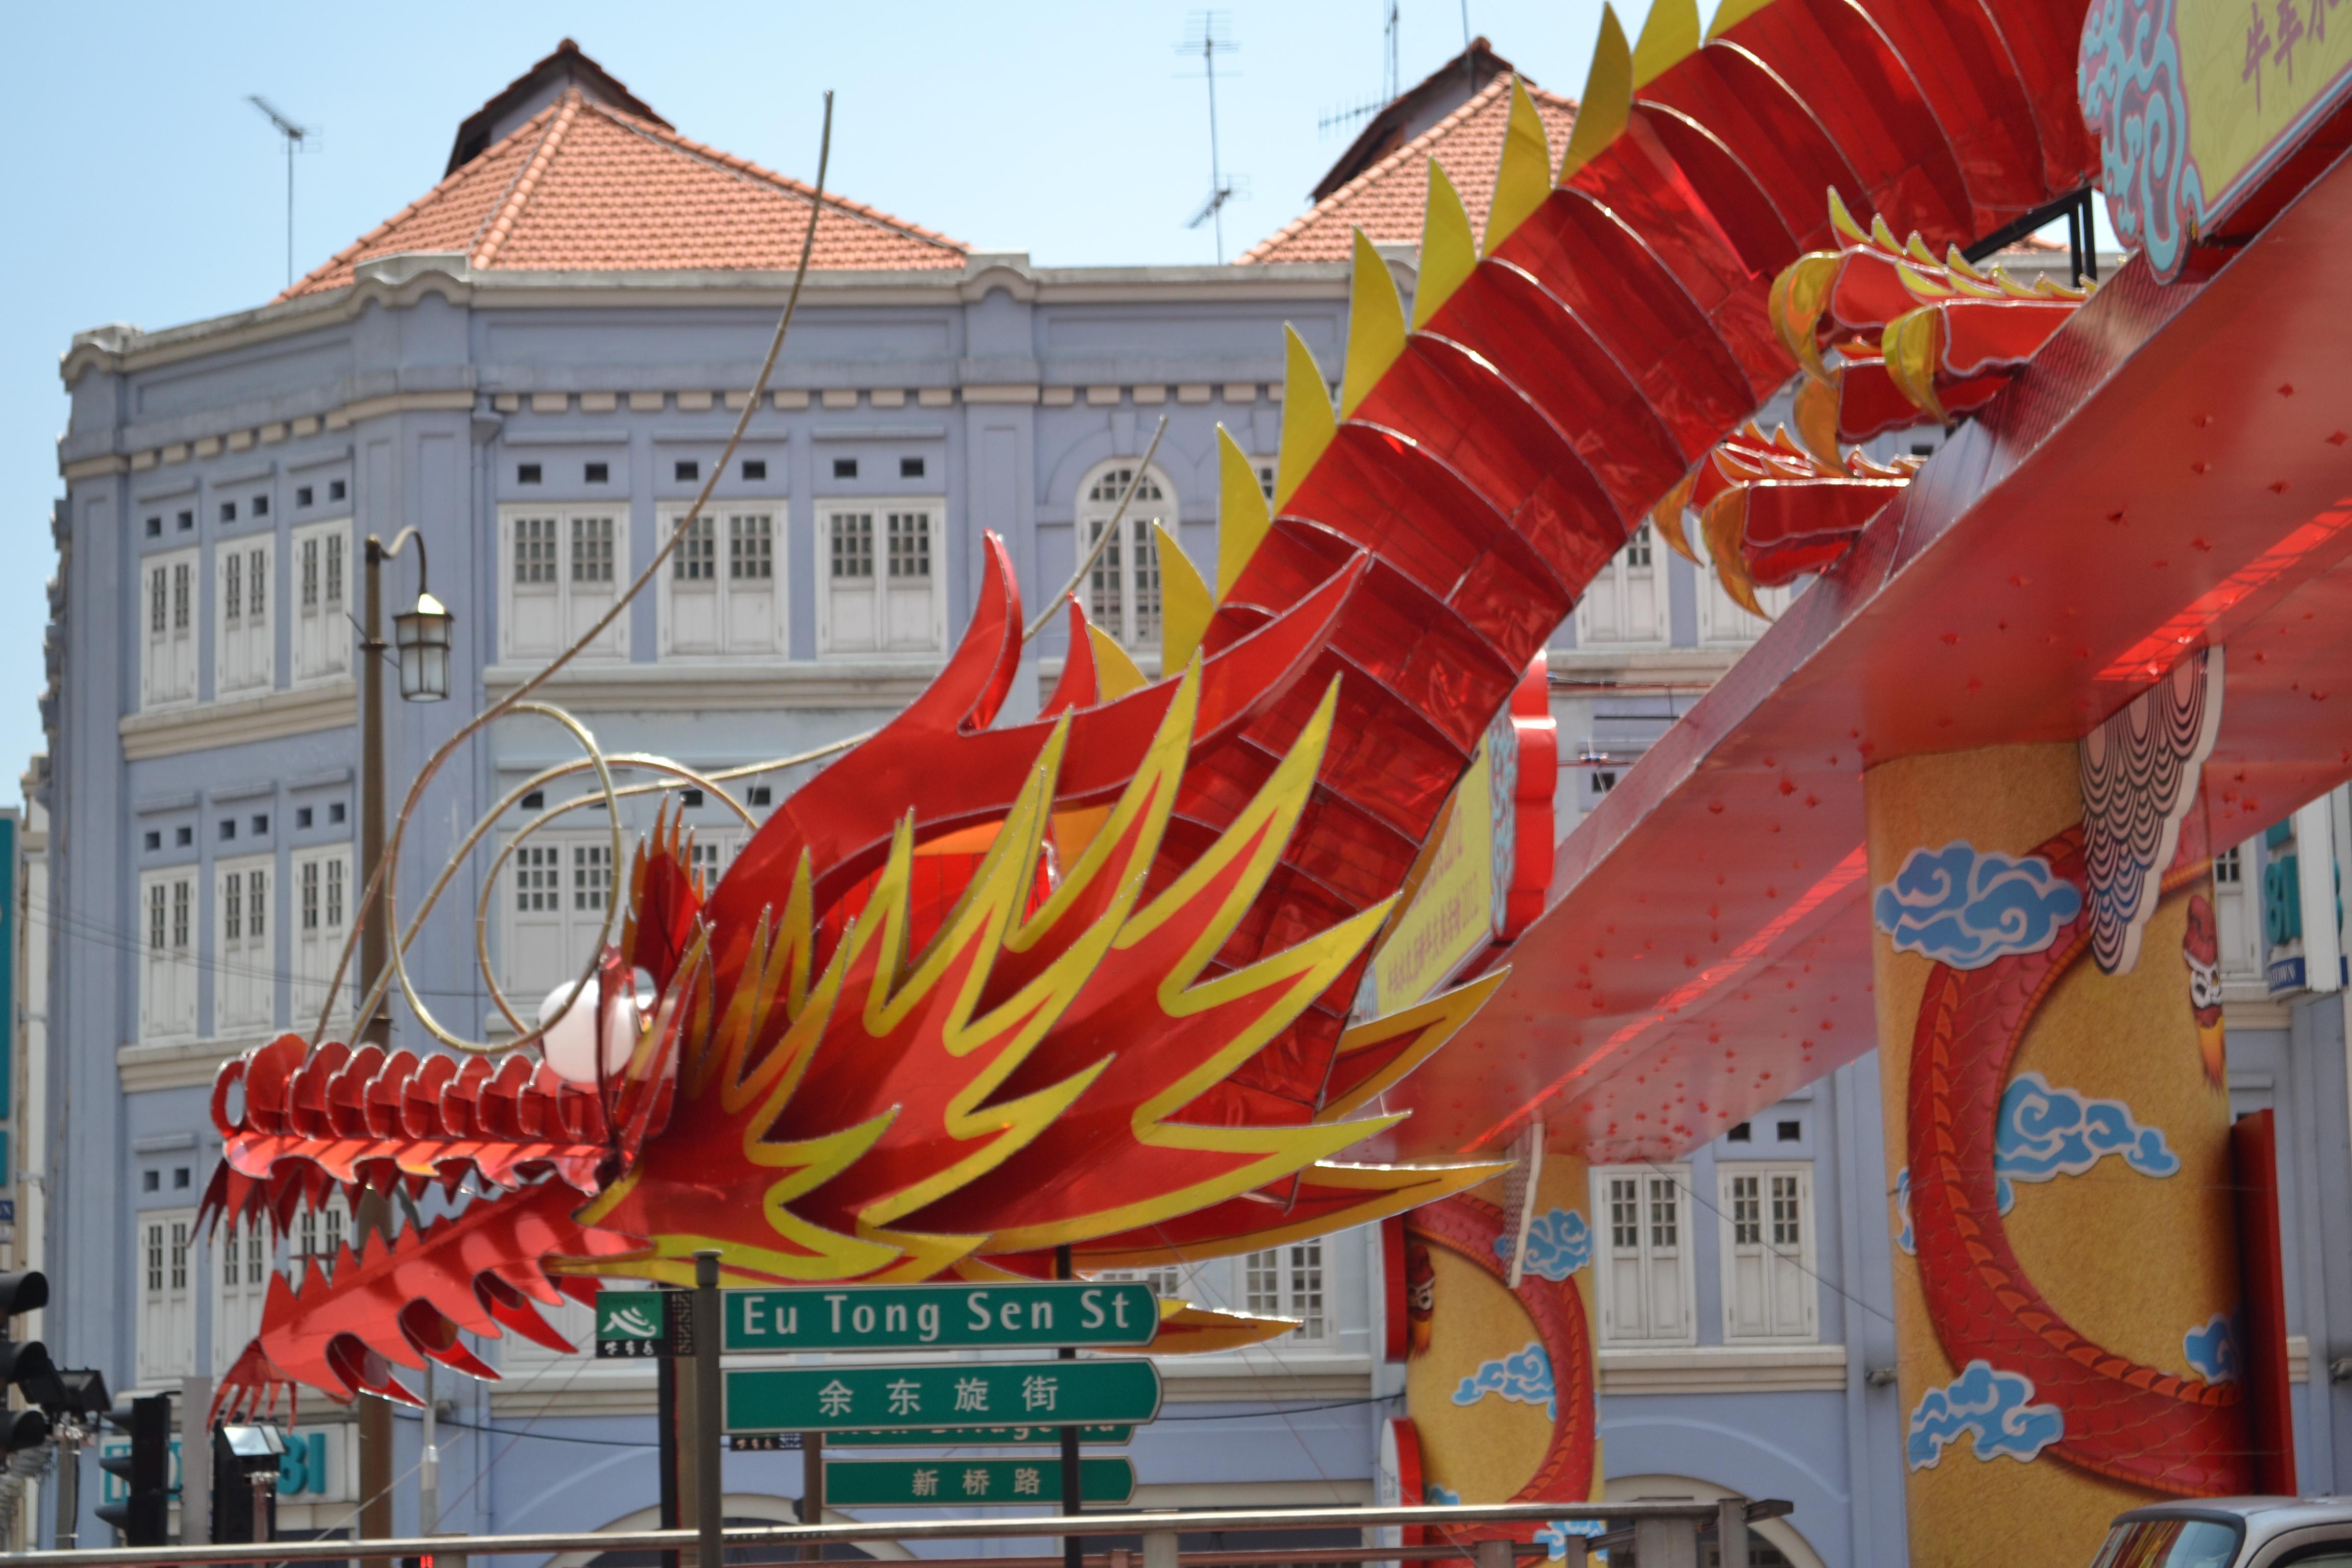 File:Chinese New Year dragon decoration along Eu Tong Sen ...